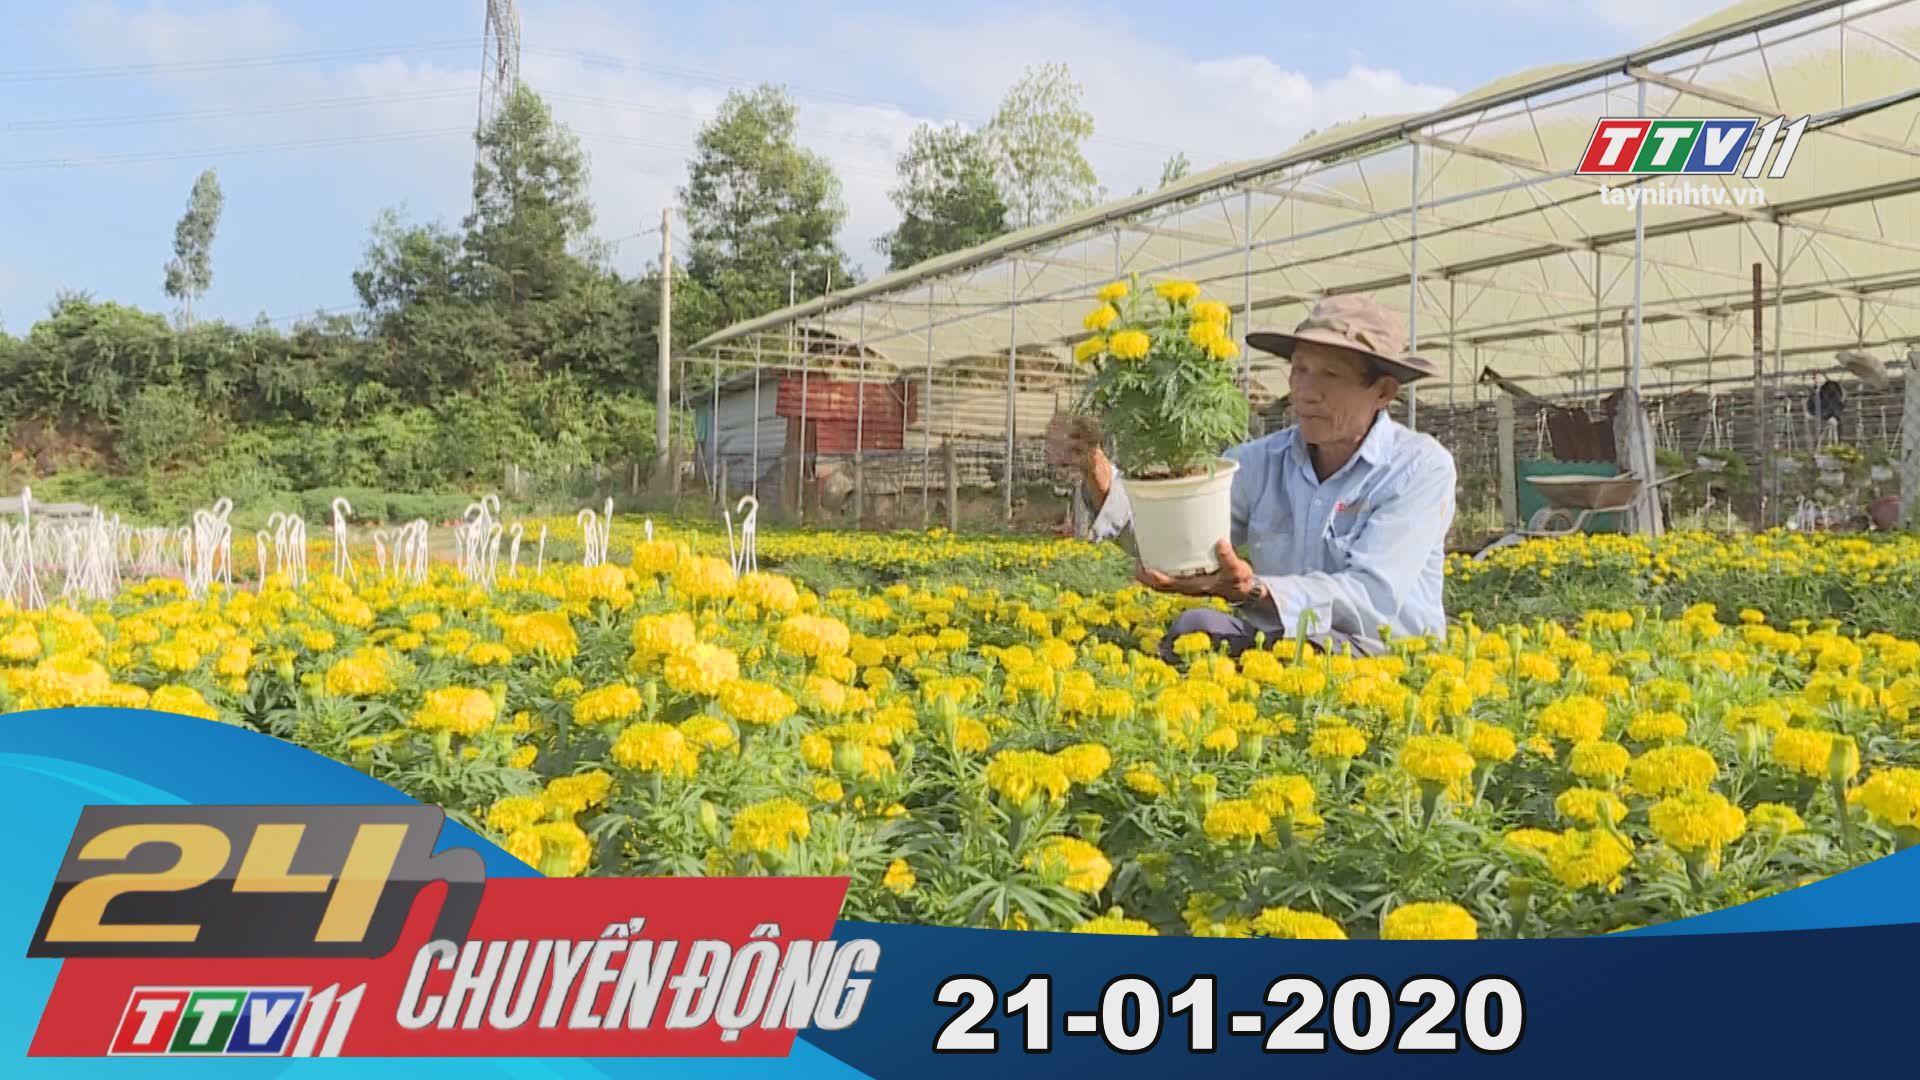 24h Chuyển động 21-01-2020 | Tin tức hôm nay | TayNinhTV